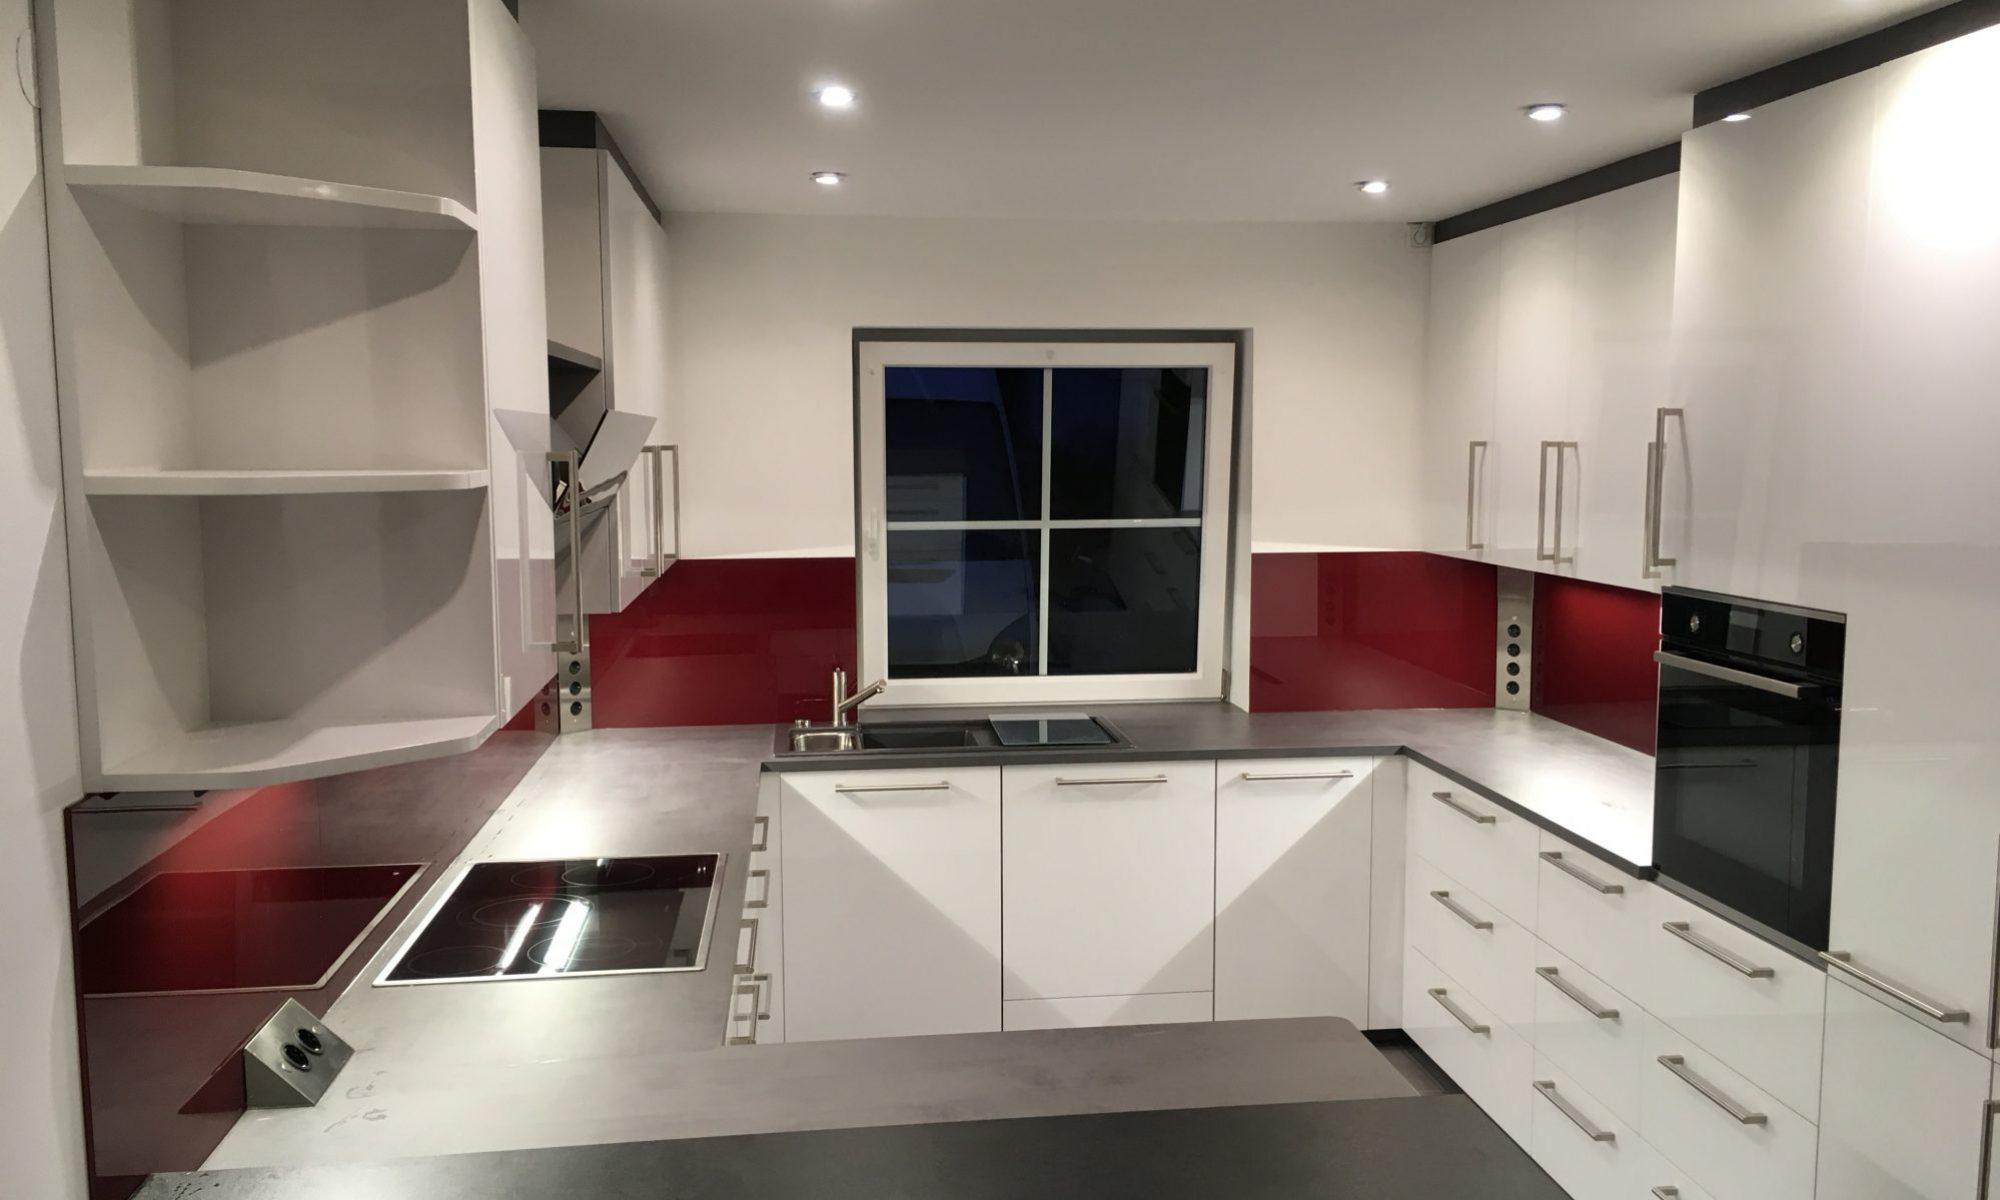 All in One - Ihr Küchenmonteure